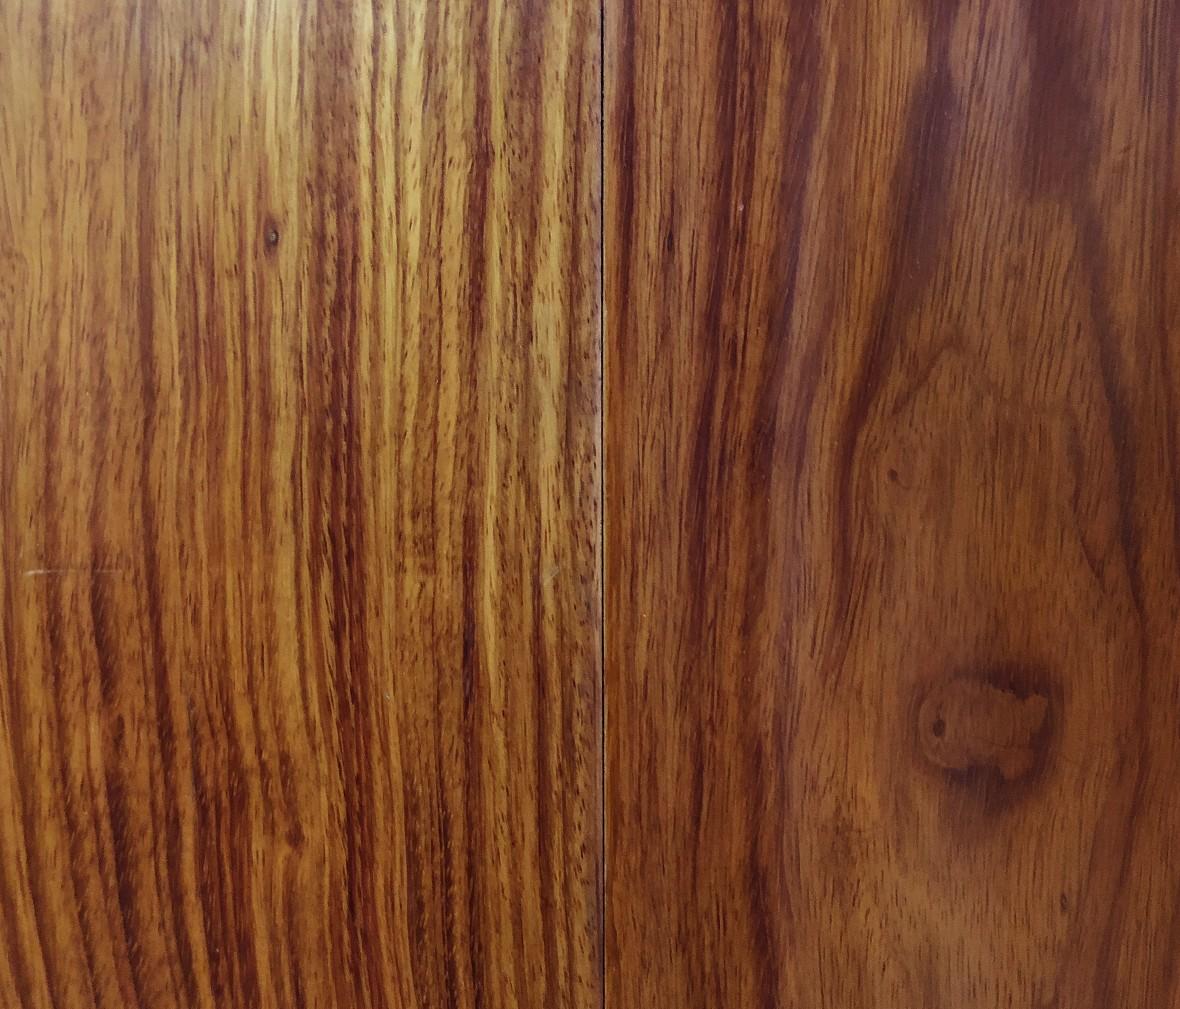 金钢鹦鹉地板 出口系列W1521型号多层实木地板 花梨贴皮美式客卧地板 图片、价格、品牌、评测样样齐全!【蓝景商城正品行货,蓝景丽家大钟寺家居广场提货,北京地区配送,领券更优惠,线上线下同品同价,立即购买享受更多优惠哦!】